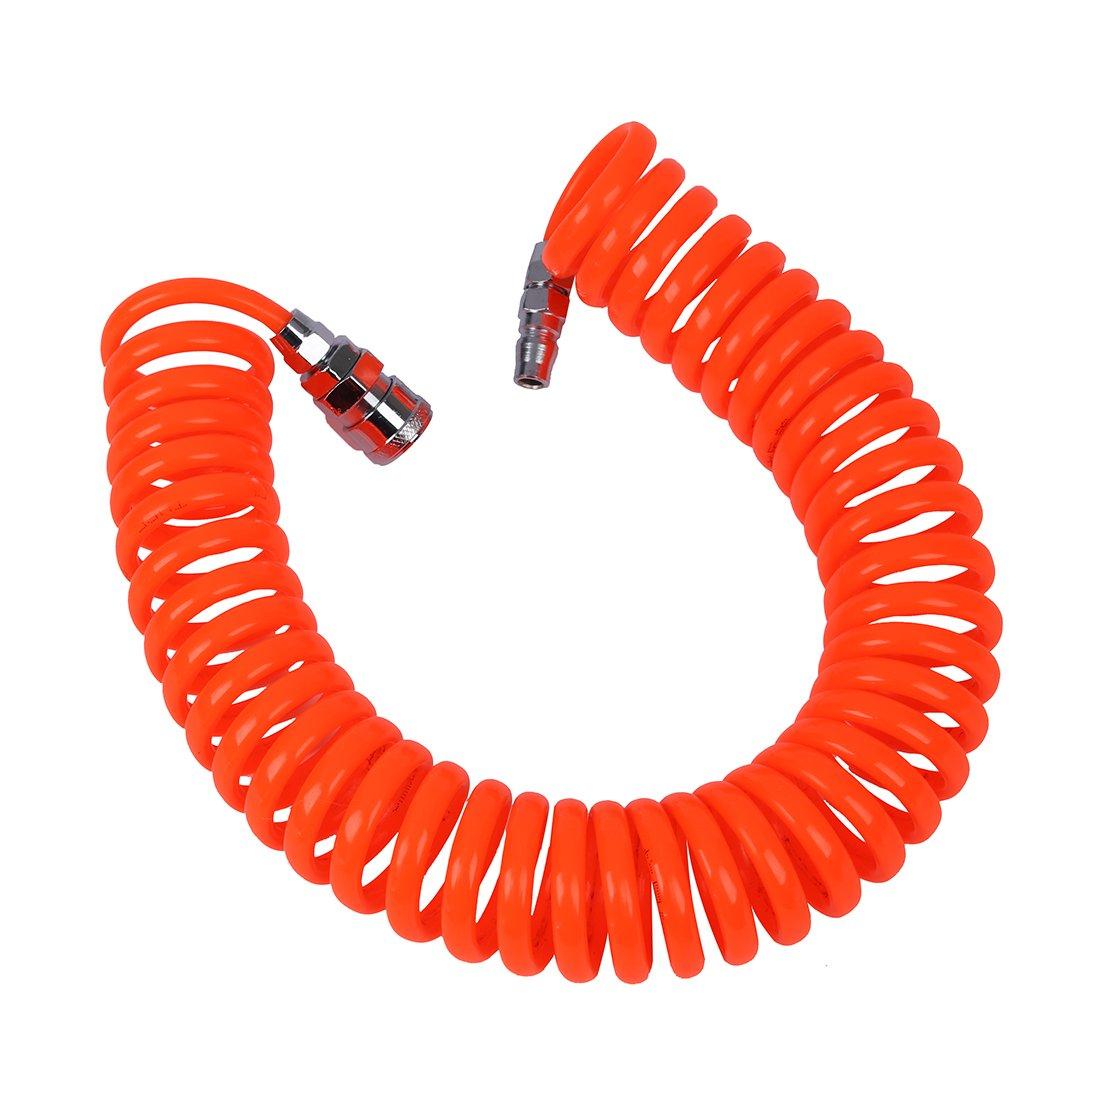 SNOWINSPRING Tuyau en spirale pneumatique flexible PU pour compresseur dair 6M 19.7ft 8mm x 5mm